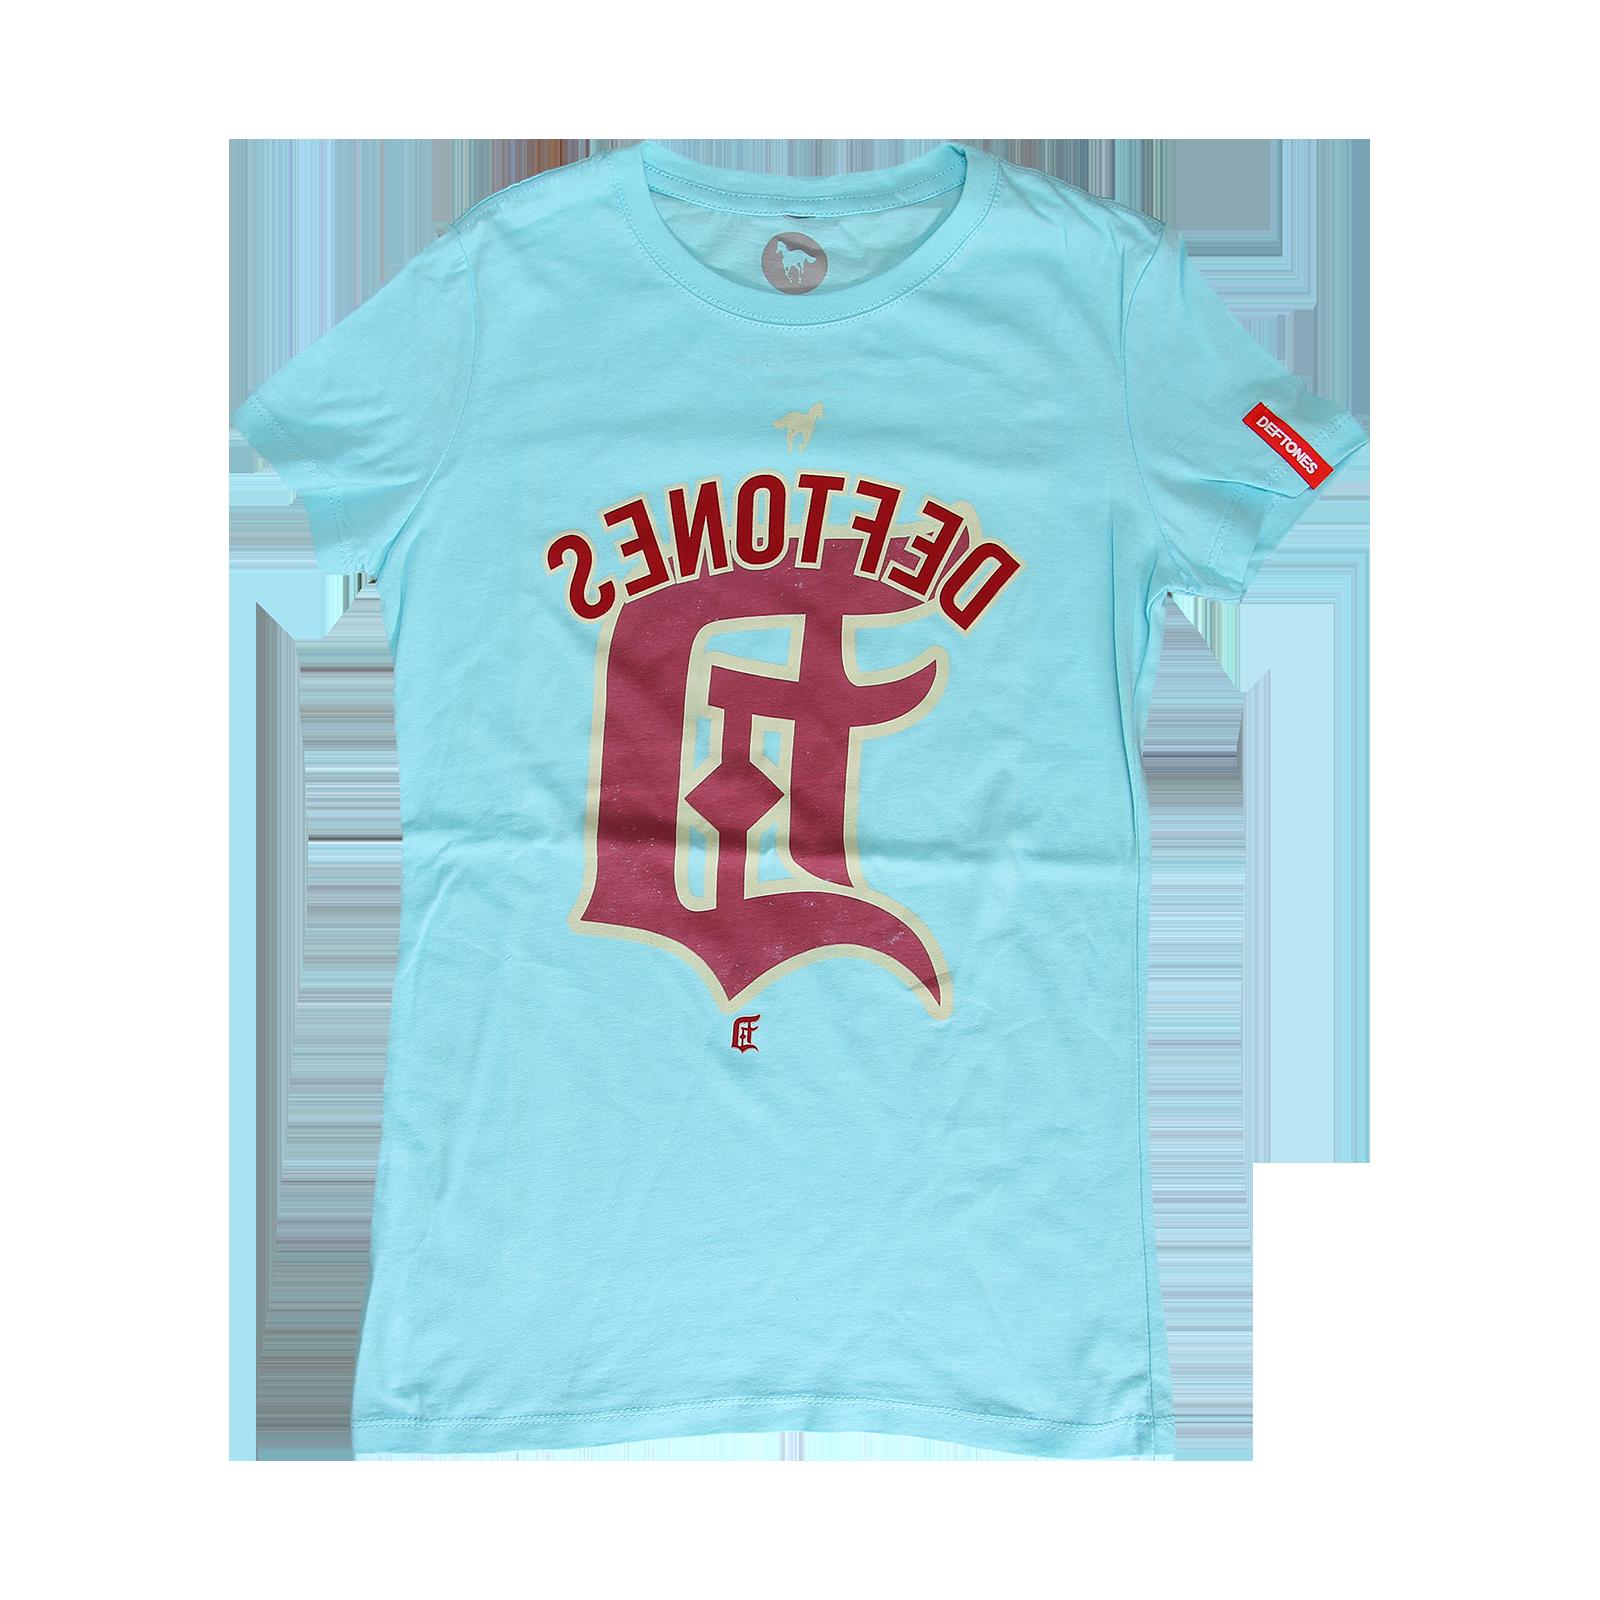 Mirror Women's Light Blue T-Shirt